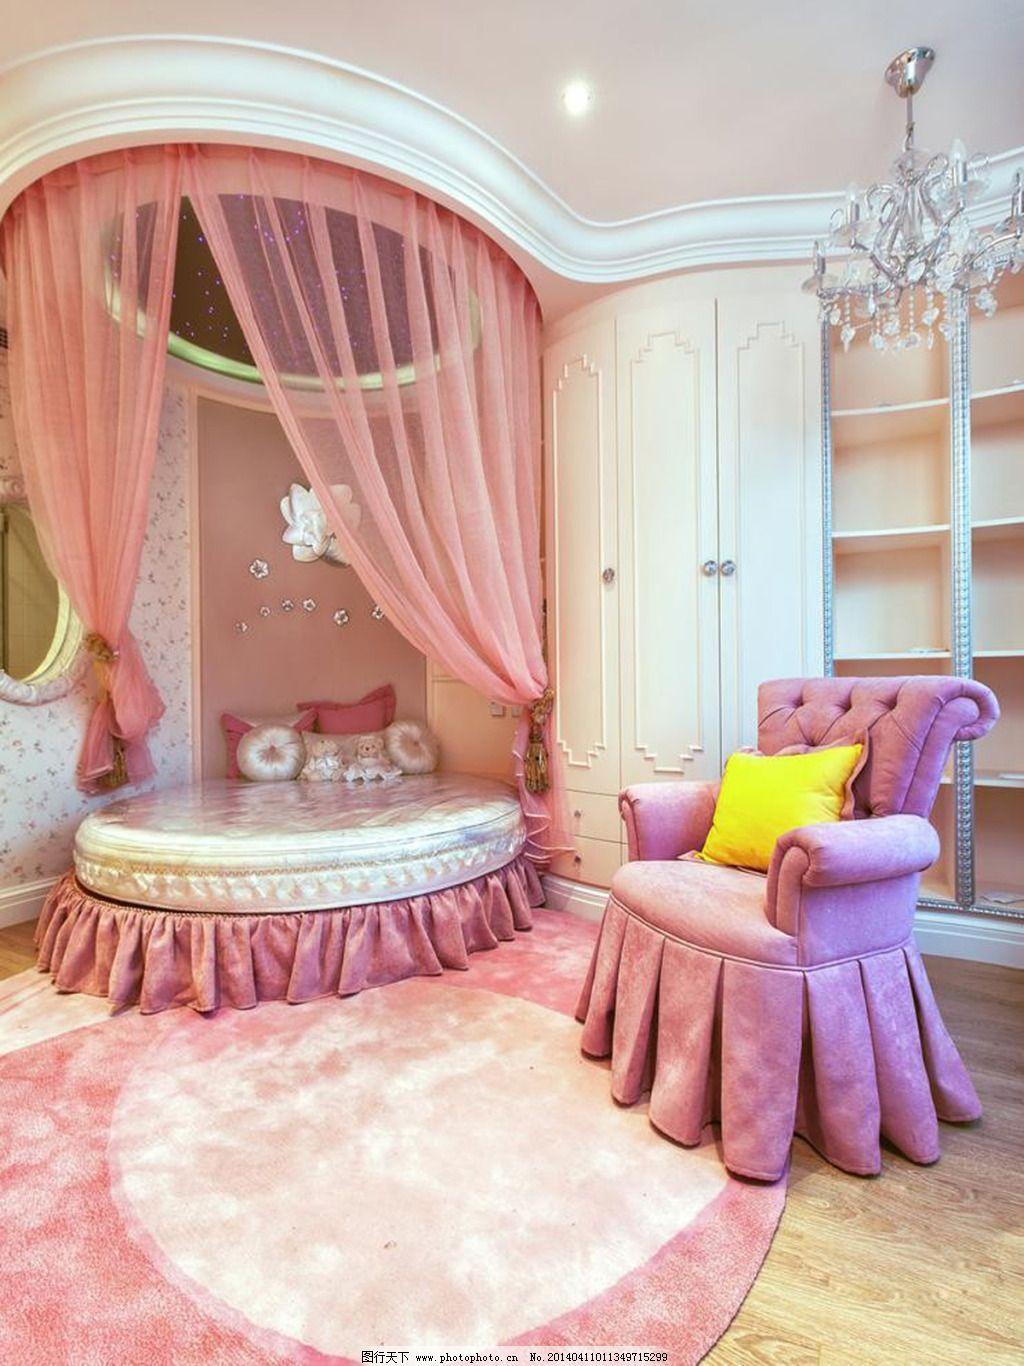 粉红色室内装修